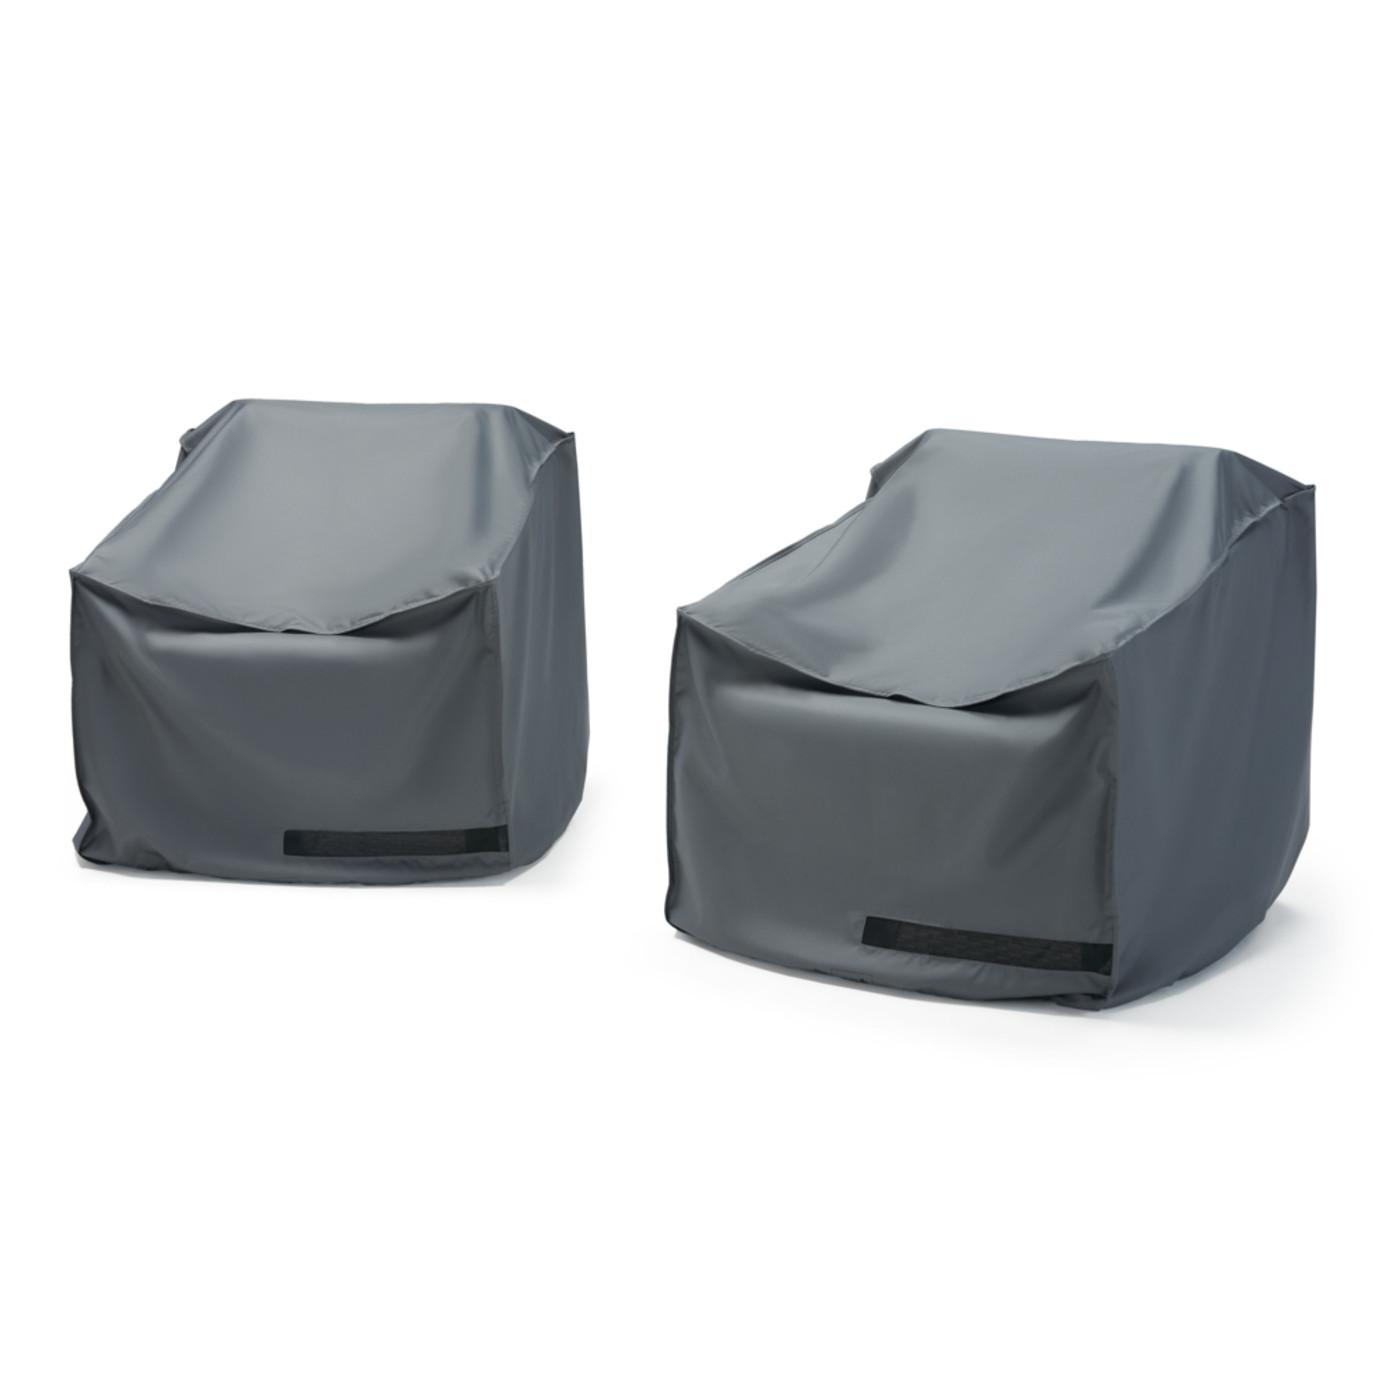 Vaughn™ 2 Piece Club Chair Furniture Cover Set